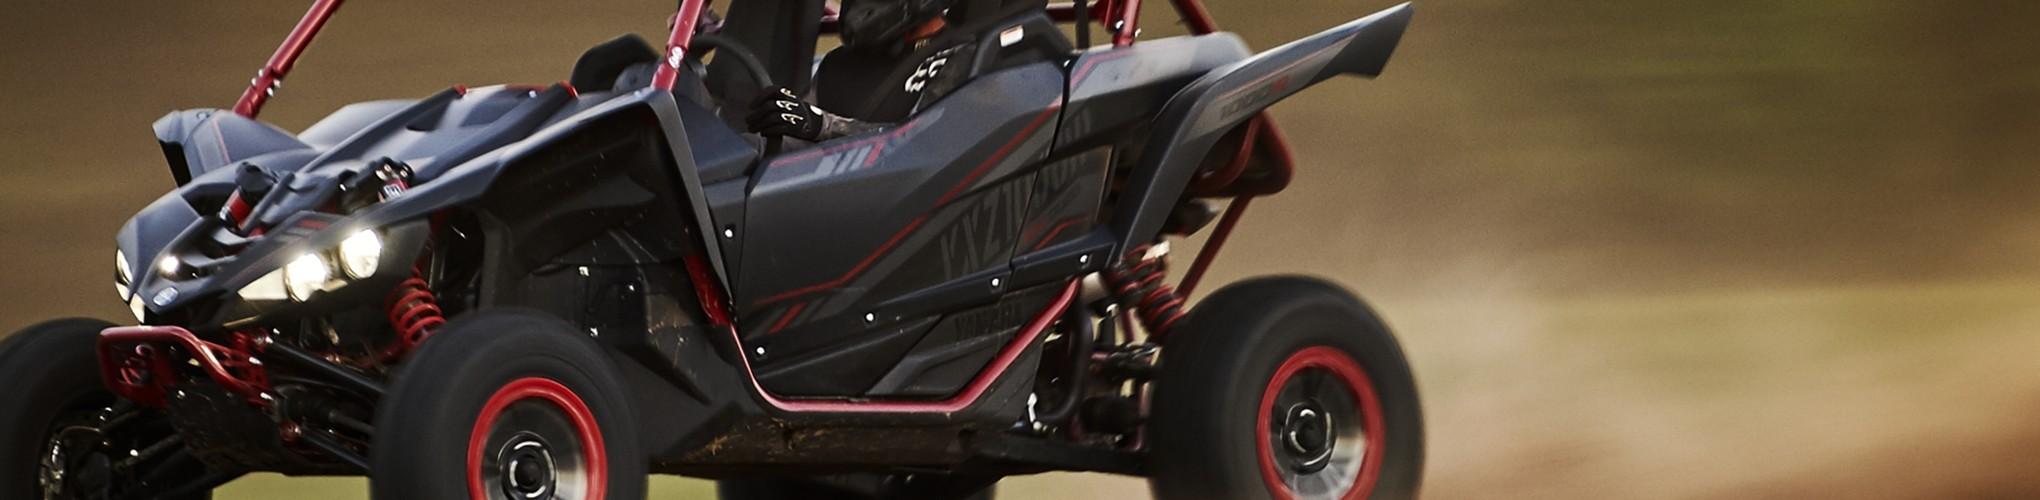 Yamaha YXZ1000R | MotorCentrumWest